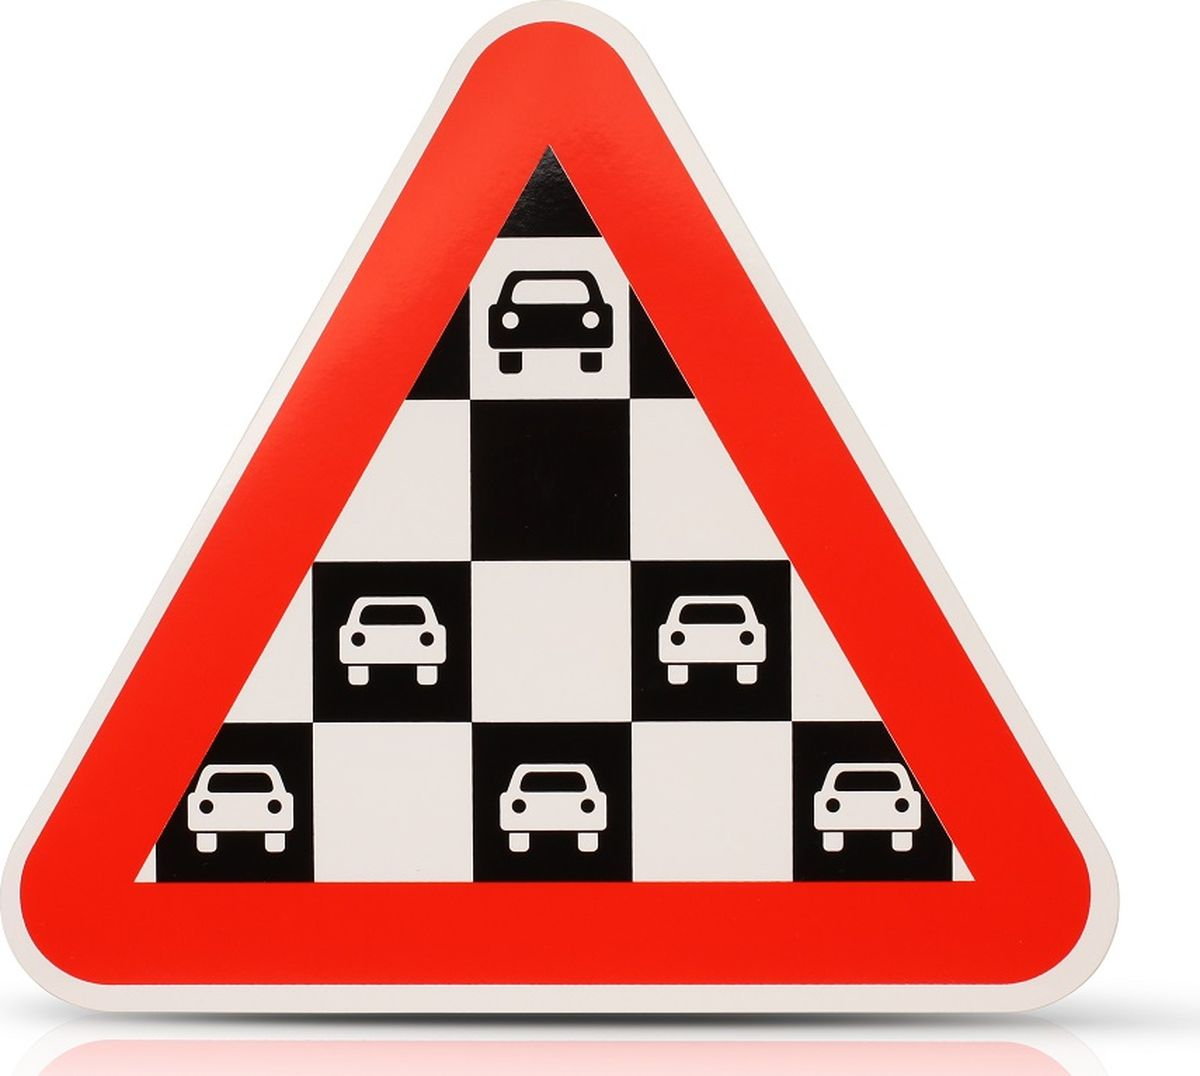 Наклейка автомобильная Бюро находок Шашки, цвет: белыйNM26Наклейка автомобильная Бюро находок Шашки изготовлена из бумаги и предназначена для тех, кто любит придумывать сложные траектории движения. Прямая линия это слишком скучно!